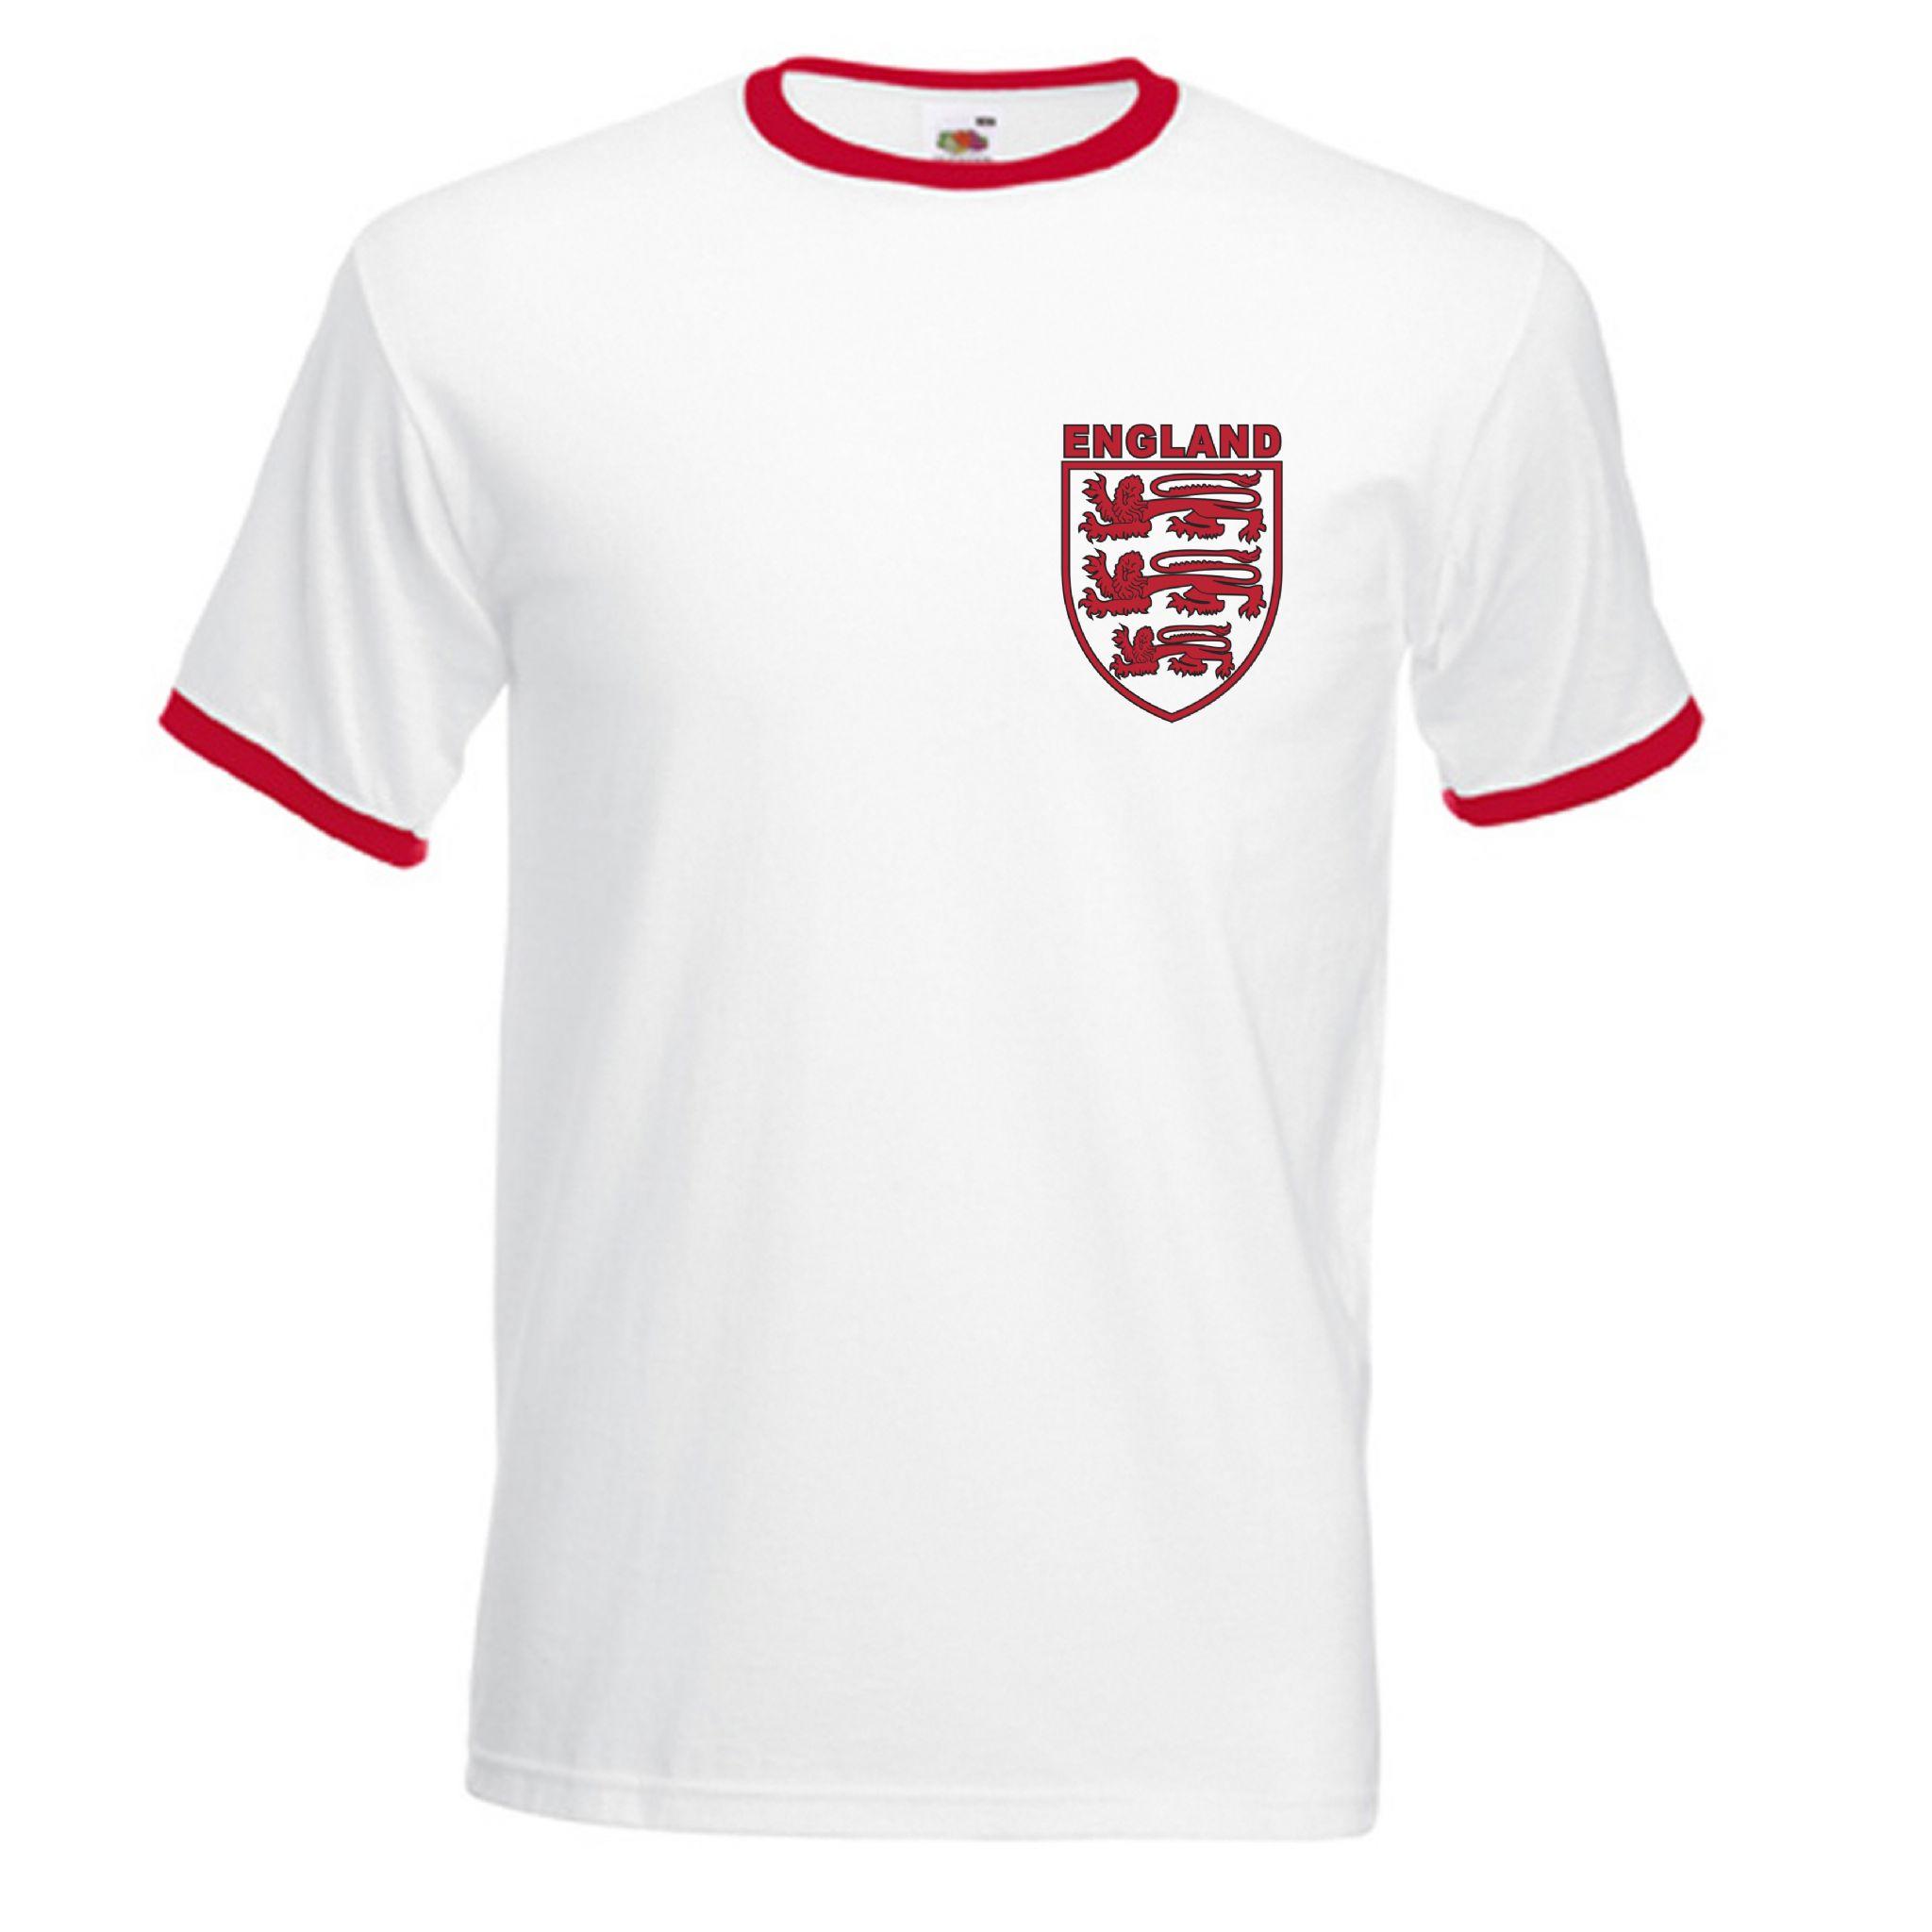 25f6402f2 Cheap Retro England Shirt